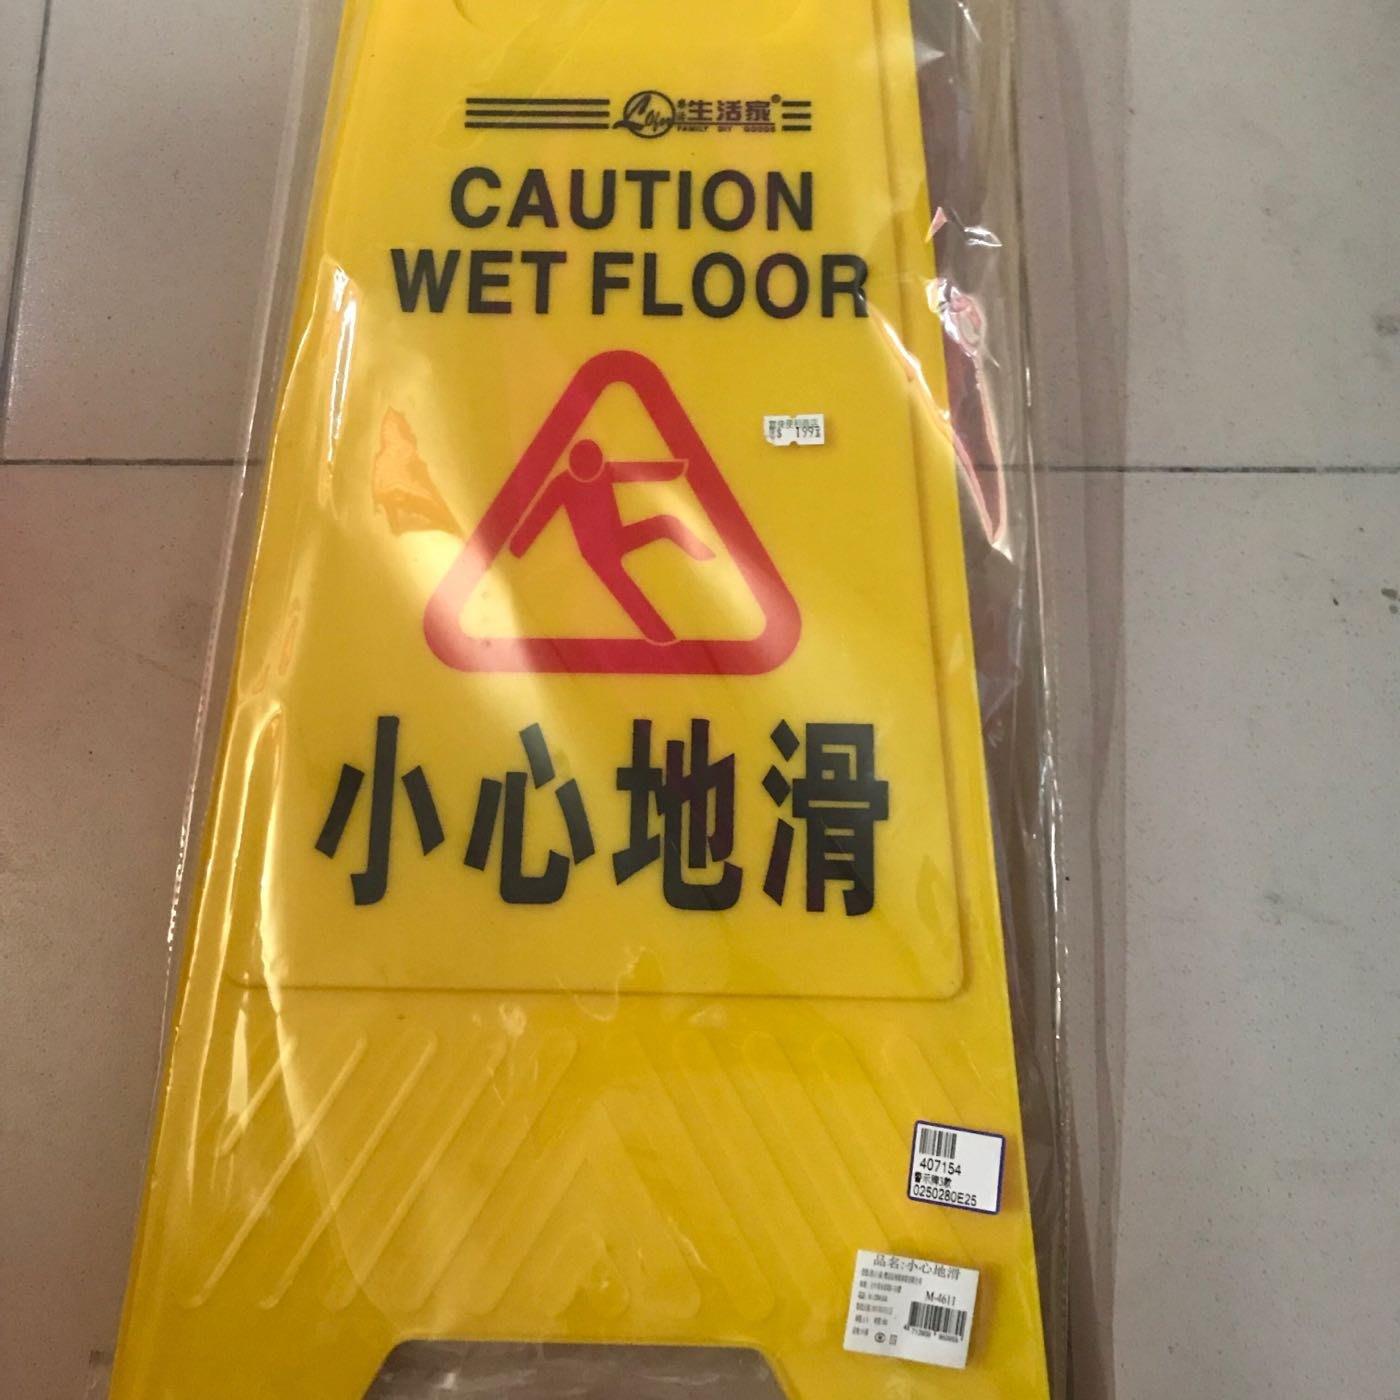 小心地滑直立警示牌